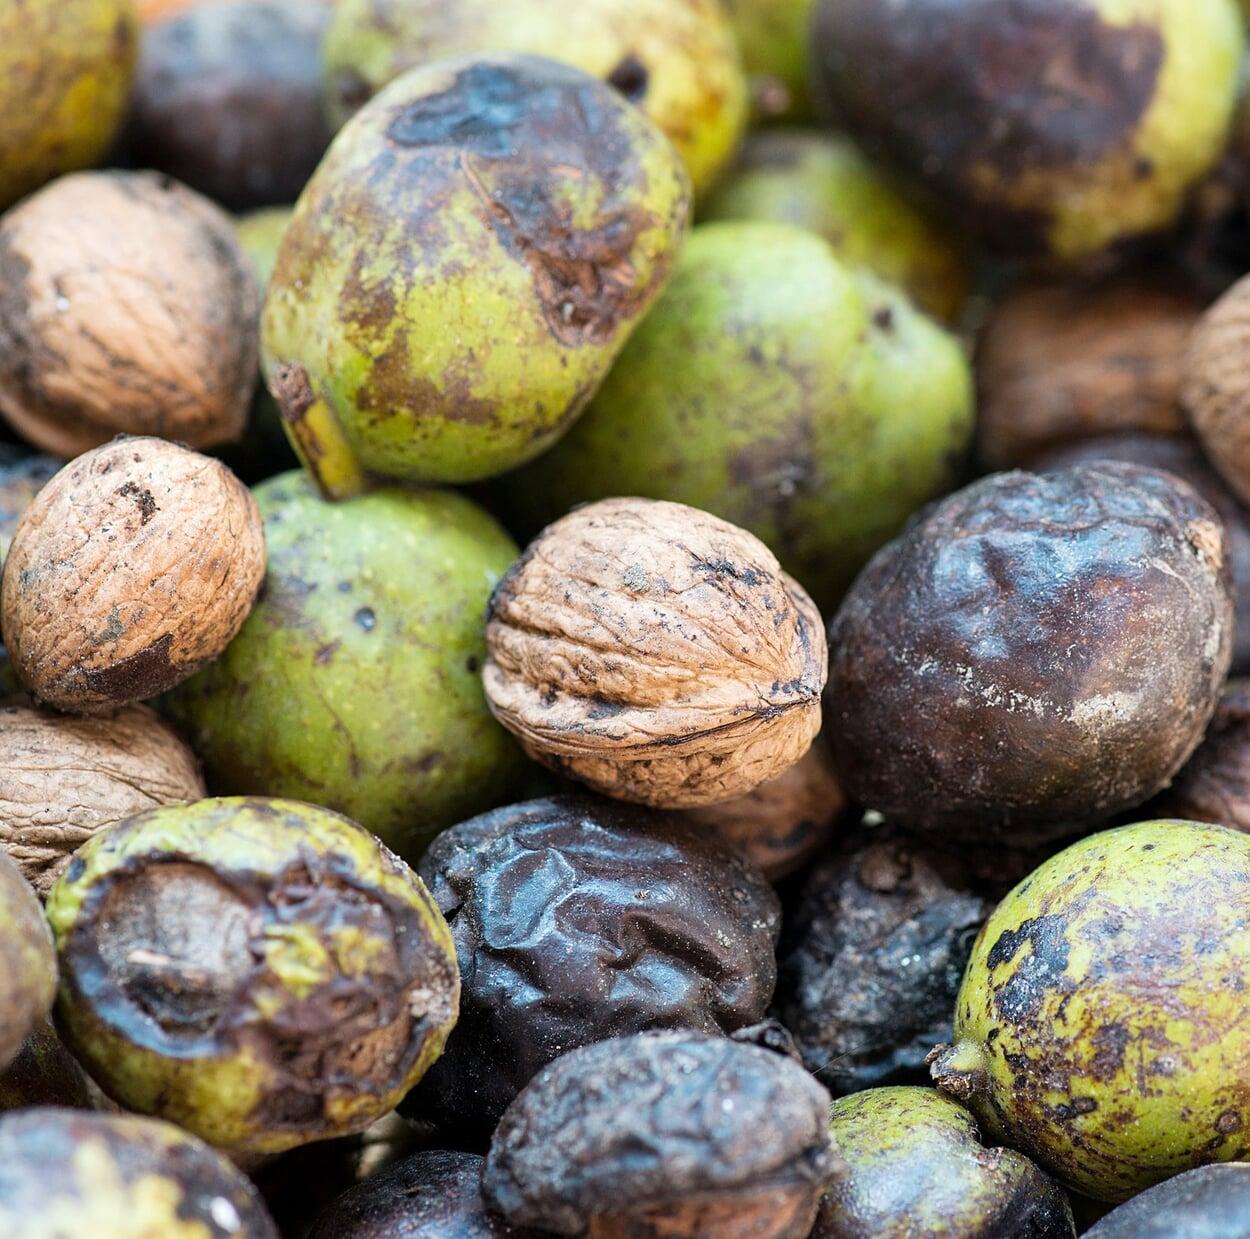 Die abgefallenen Nüsse auflesen; faule und kranke Nüsse aussortieren